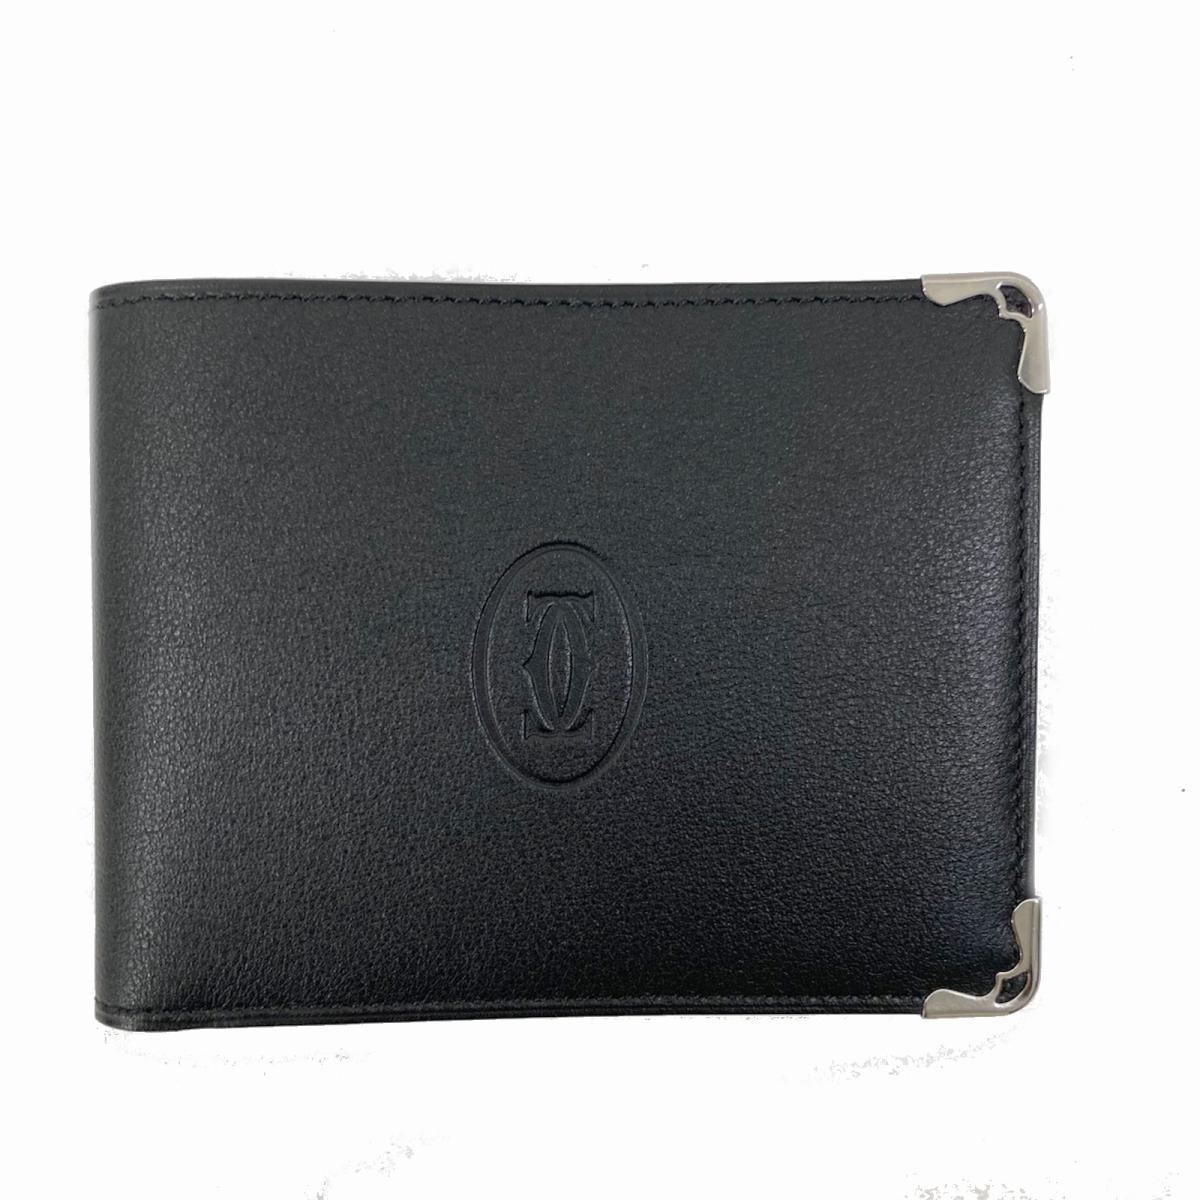 【中古】 カルティエ 二つ折札入れ 財布 メンズ レディース レザー ブラック | Cartier BRANDOFF ブランドオフ ブランド ブランド財布 メンズ財布 サイフ